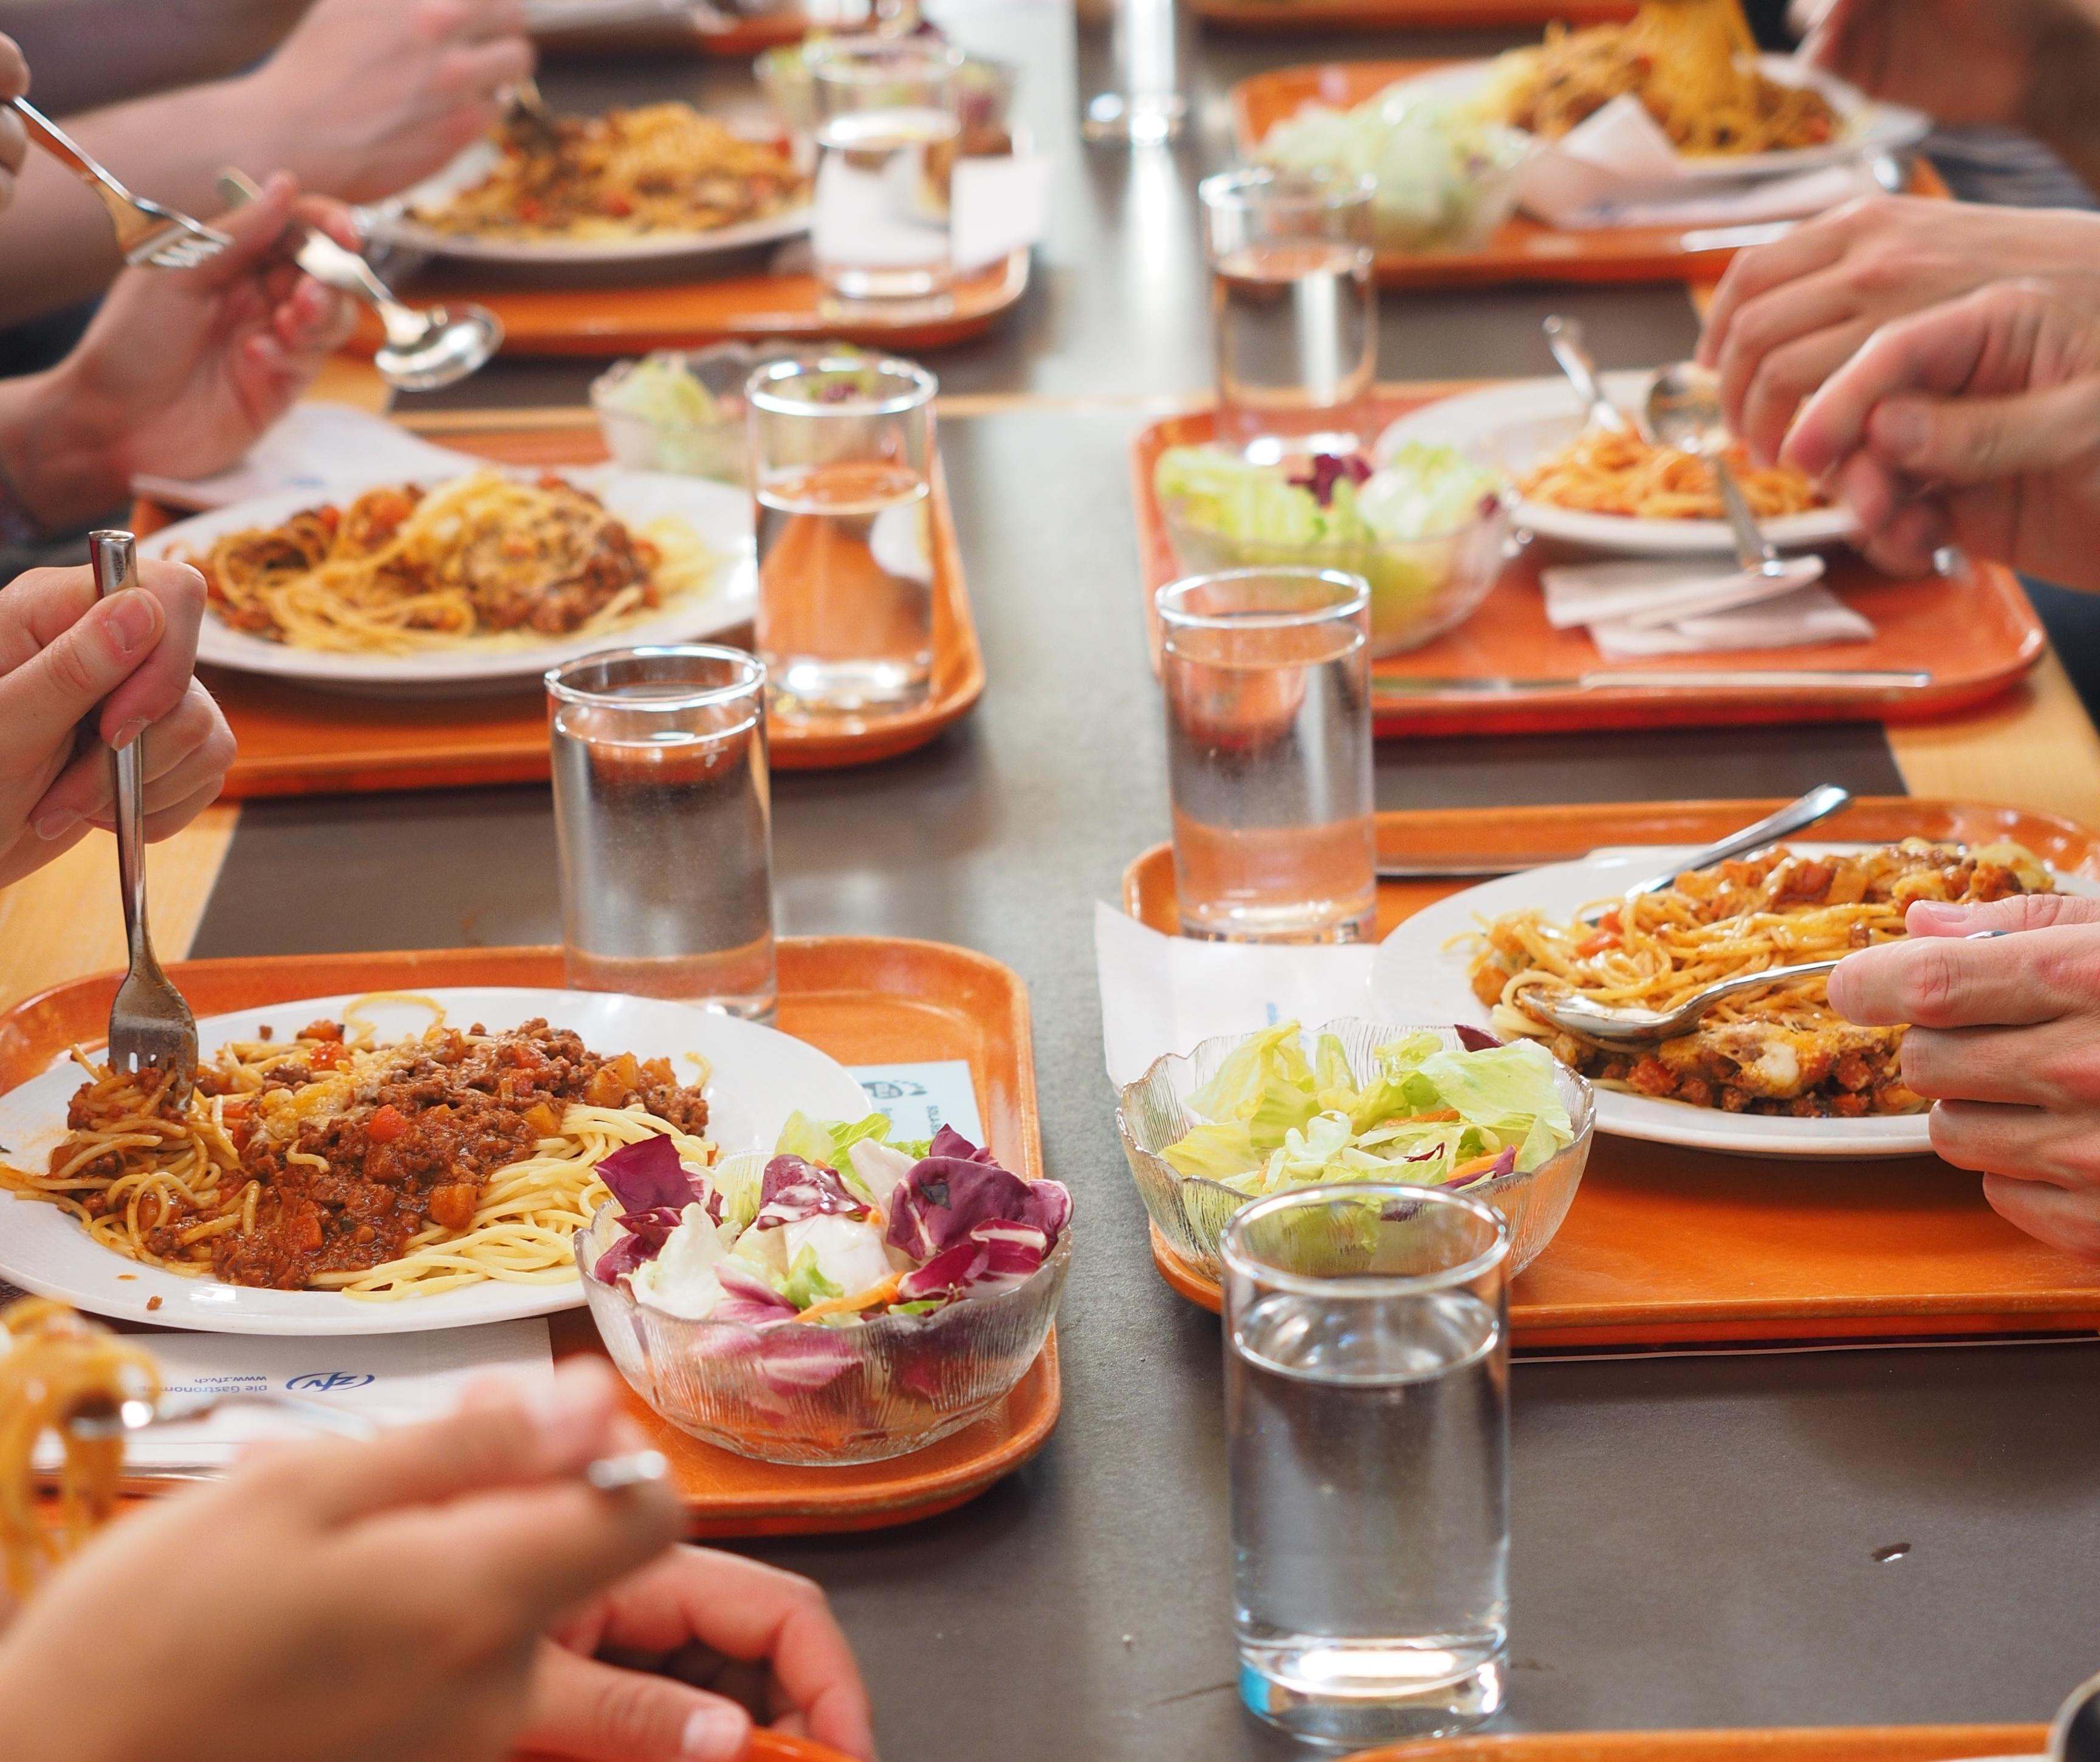 Prawie 70 proc. badanych pracowników oczekuje dofinansowania lunchu w godzinach pracy (fot. pixabay)